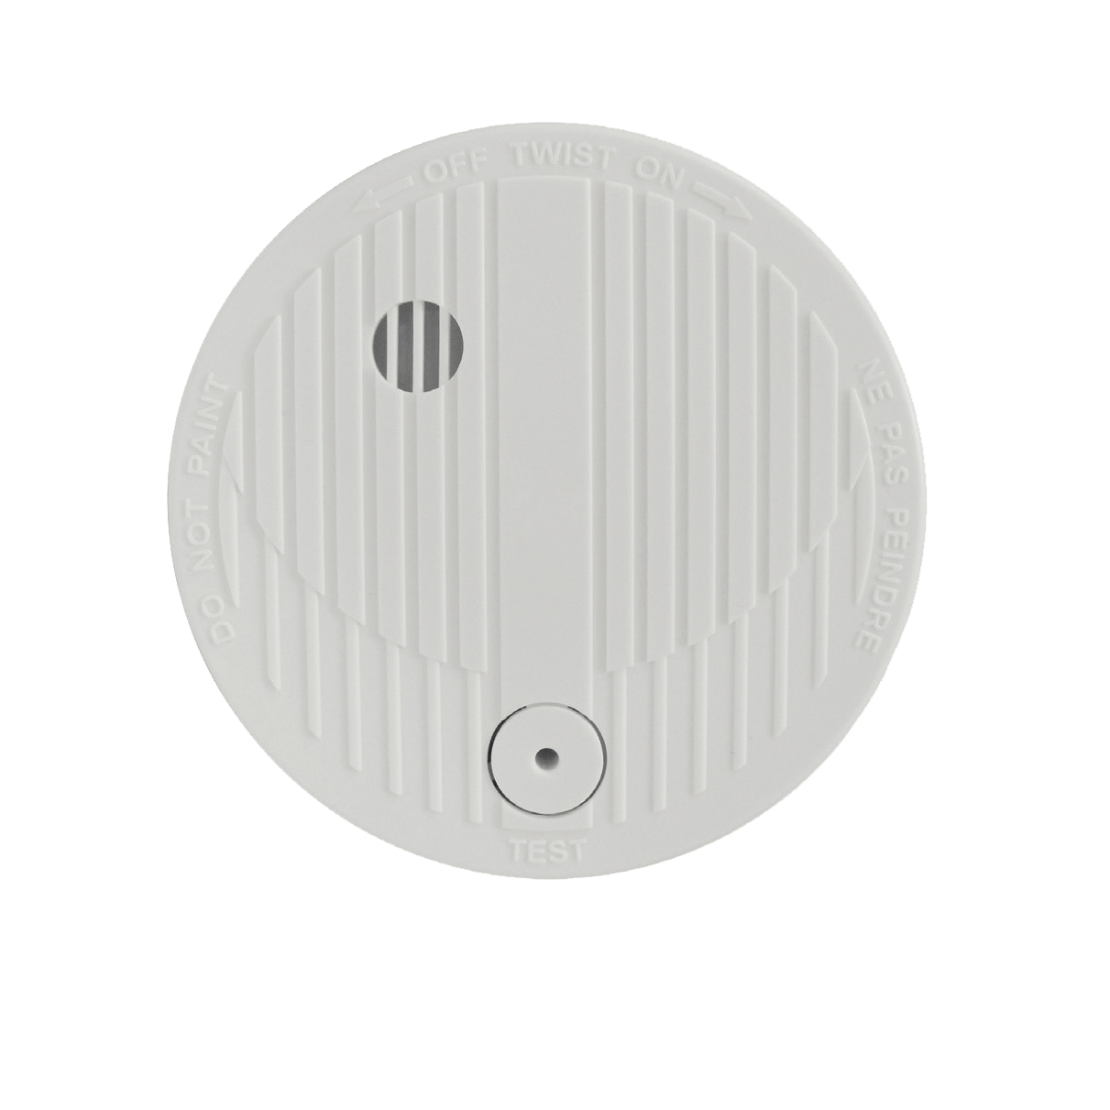 Detector de fumo óptico sem fioscom bateria 9V - 1 ano